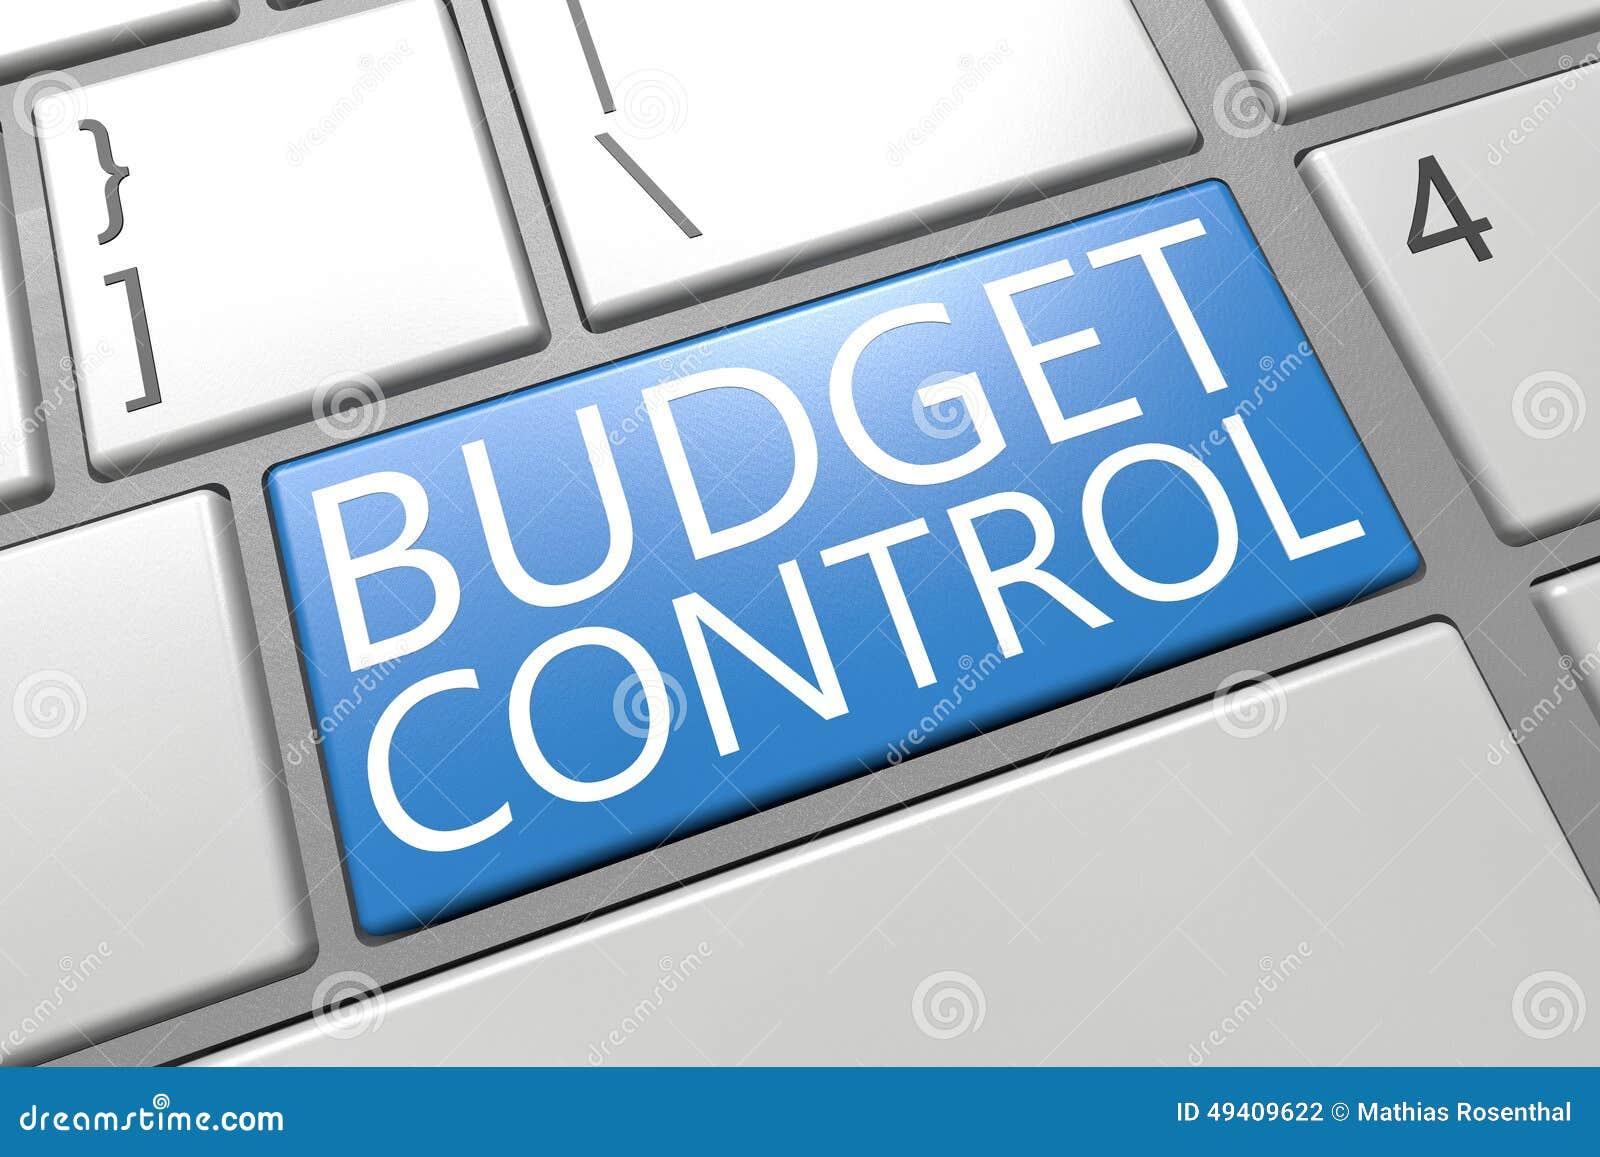 Download Haushaltskontrolle stock abbildung. Illustration von unkosten - 49409622